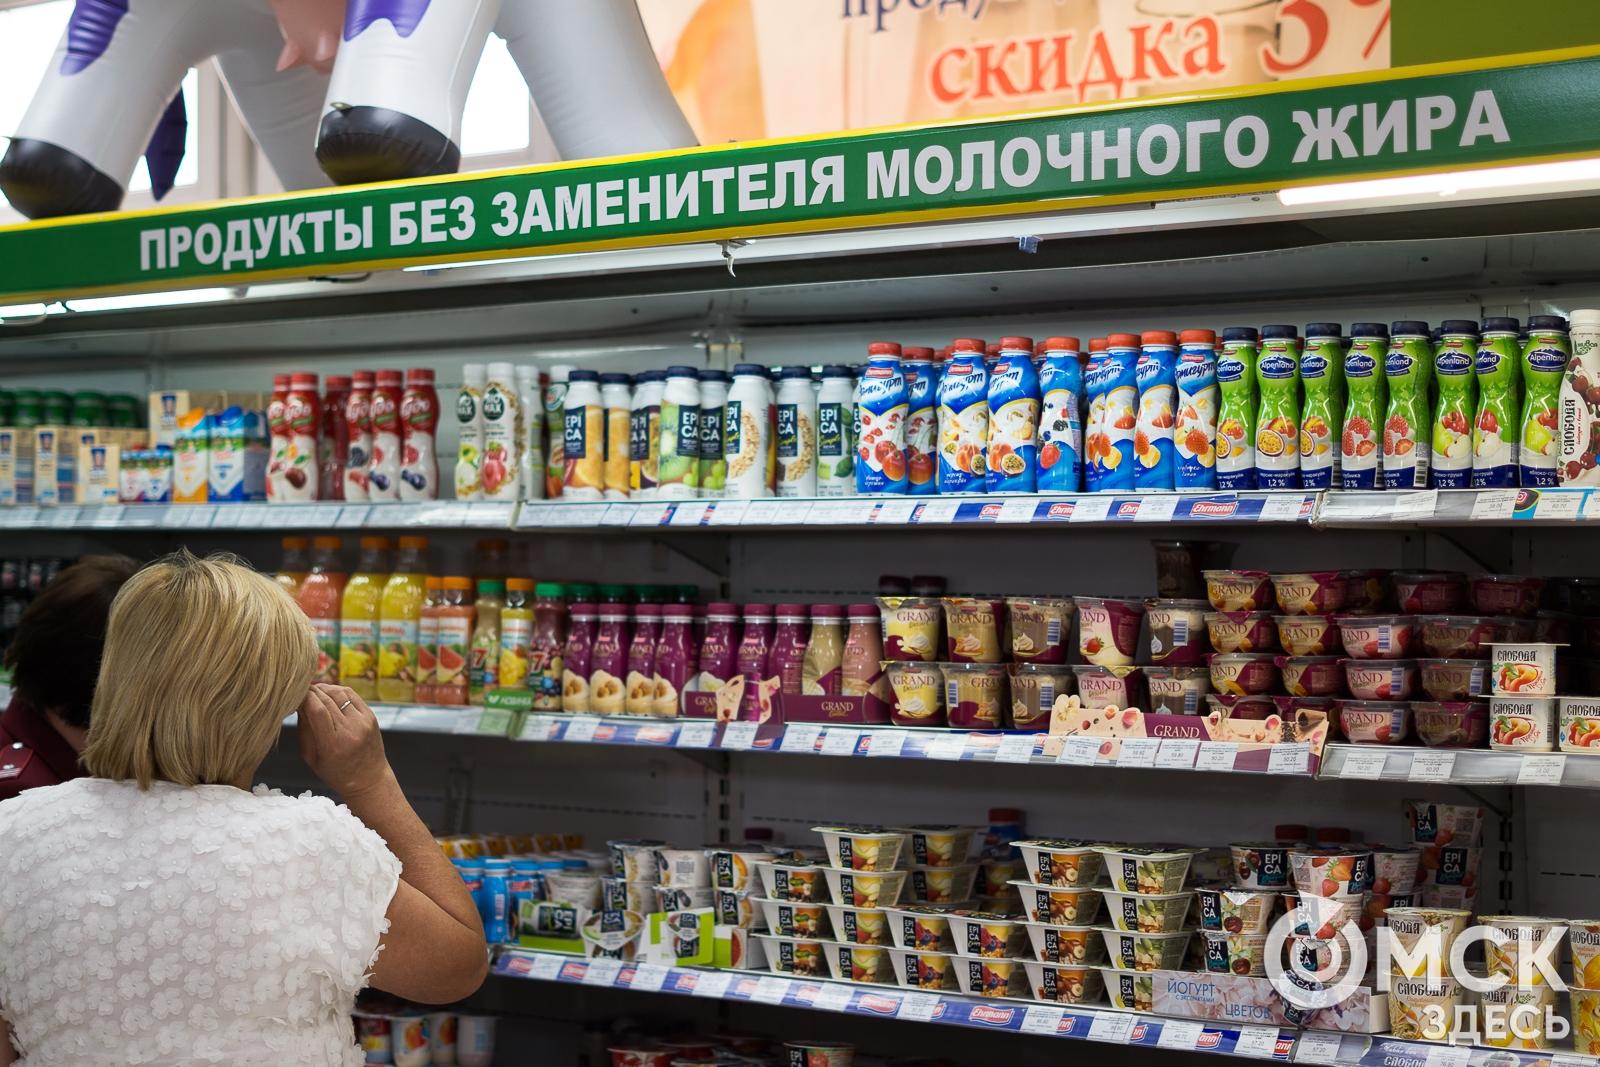 Сайты Магазинов Омска